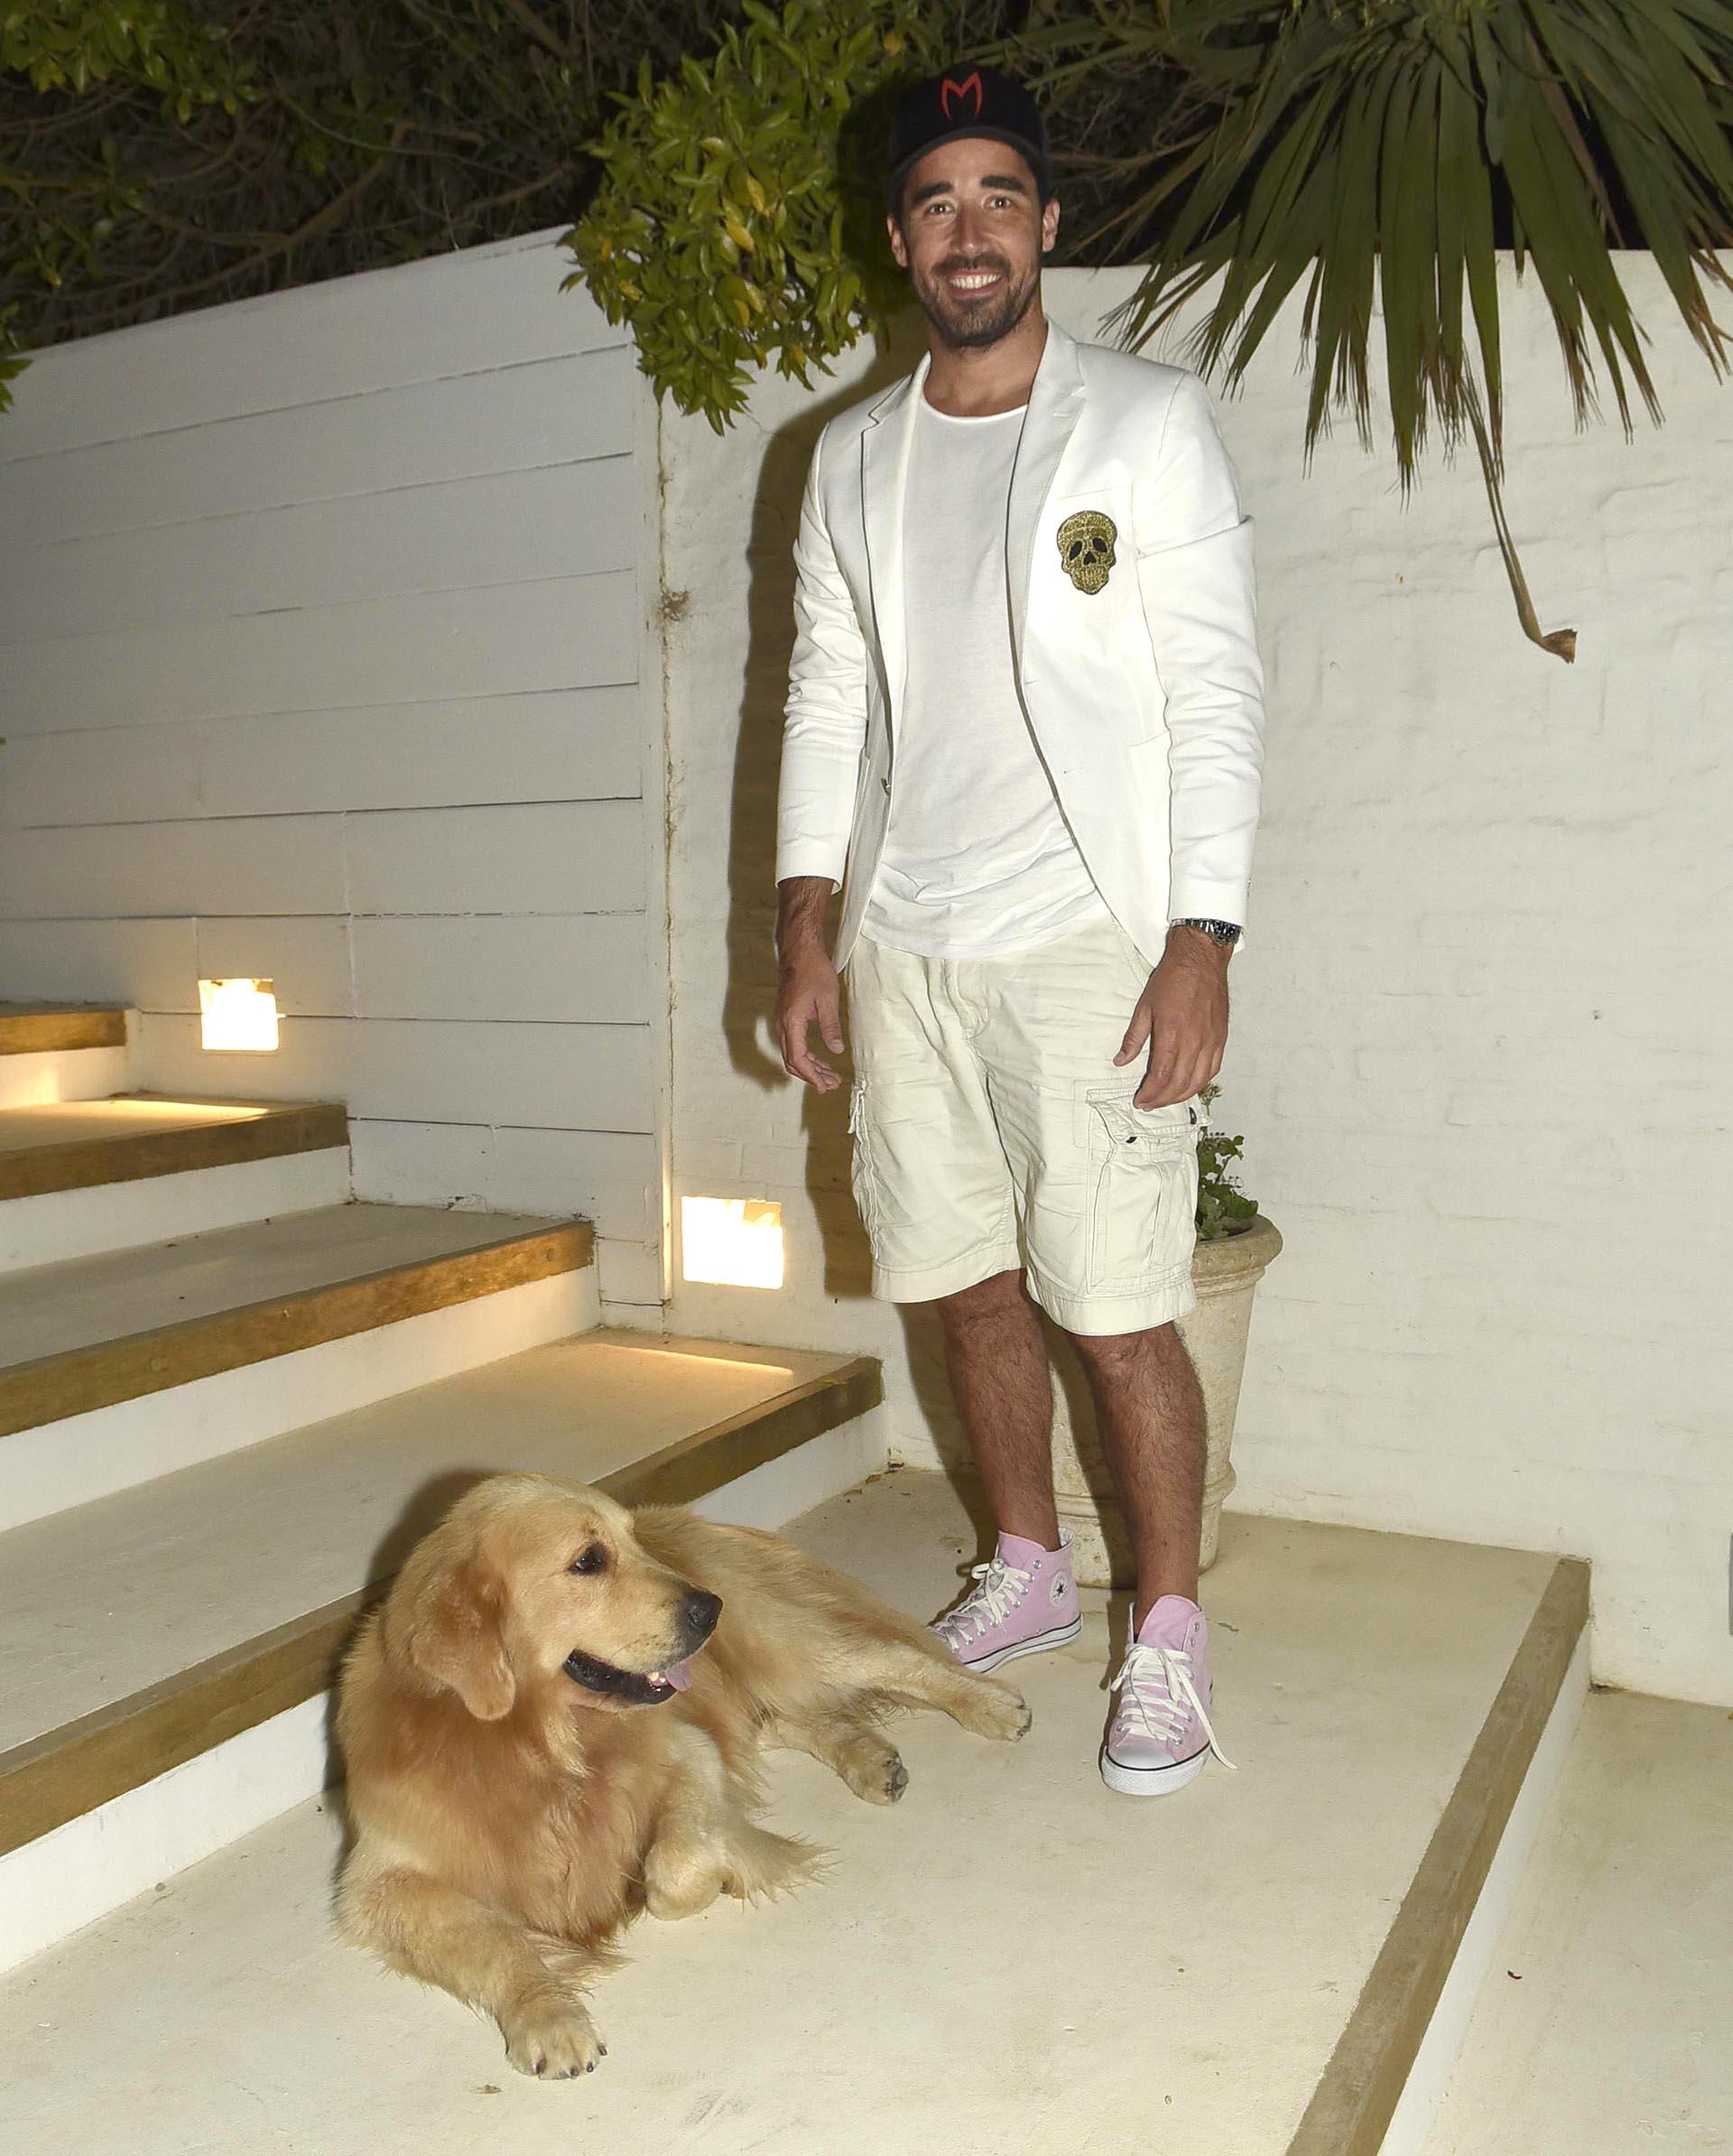 A la hora del sunset esteño, Nacho Viale recibió a sus invitados en un festejo íntimo en la casa familiar de José Ignacio y posó para Infobae junto a su perro Ayrton